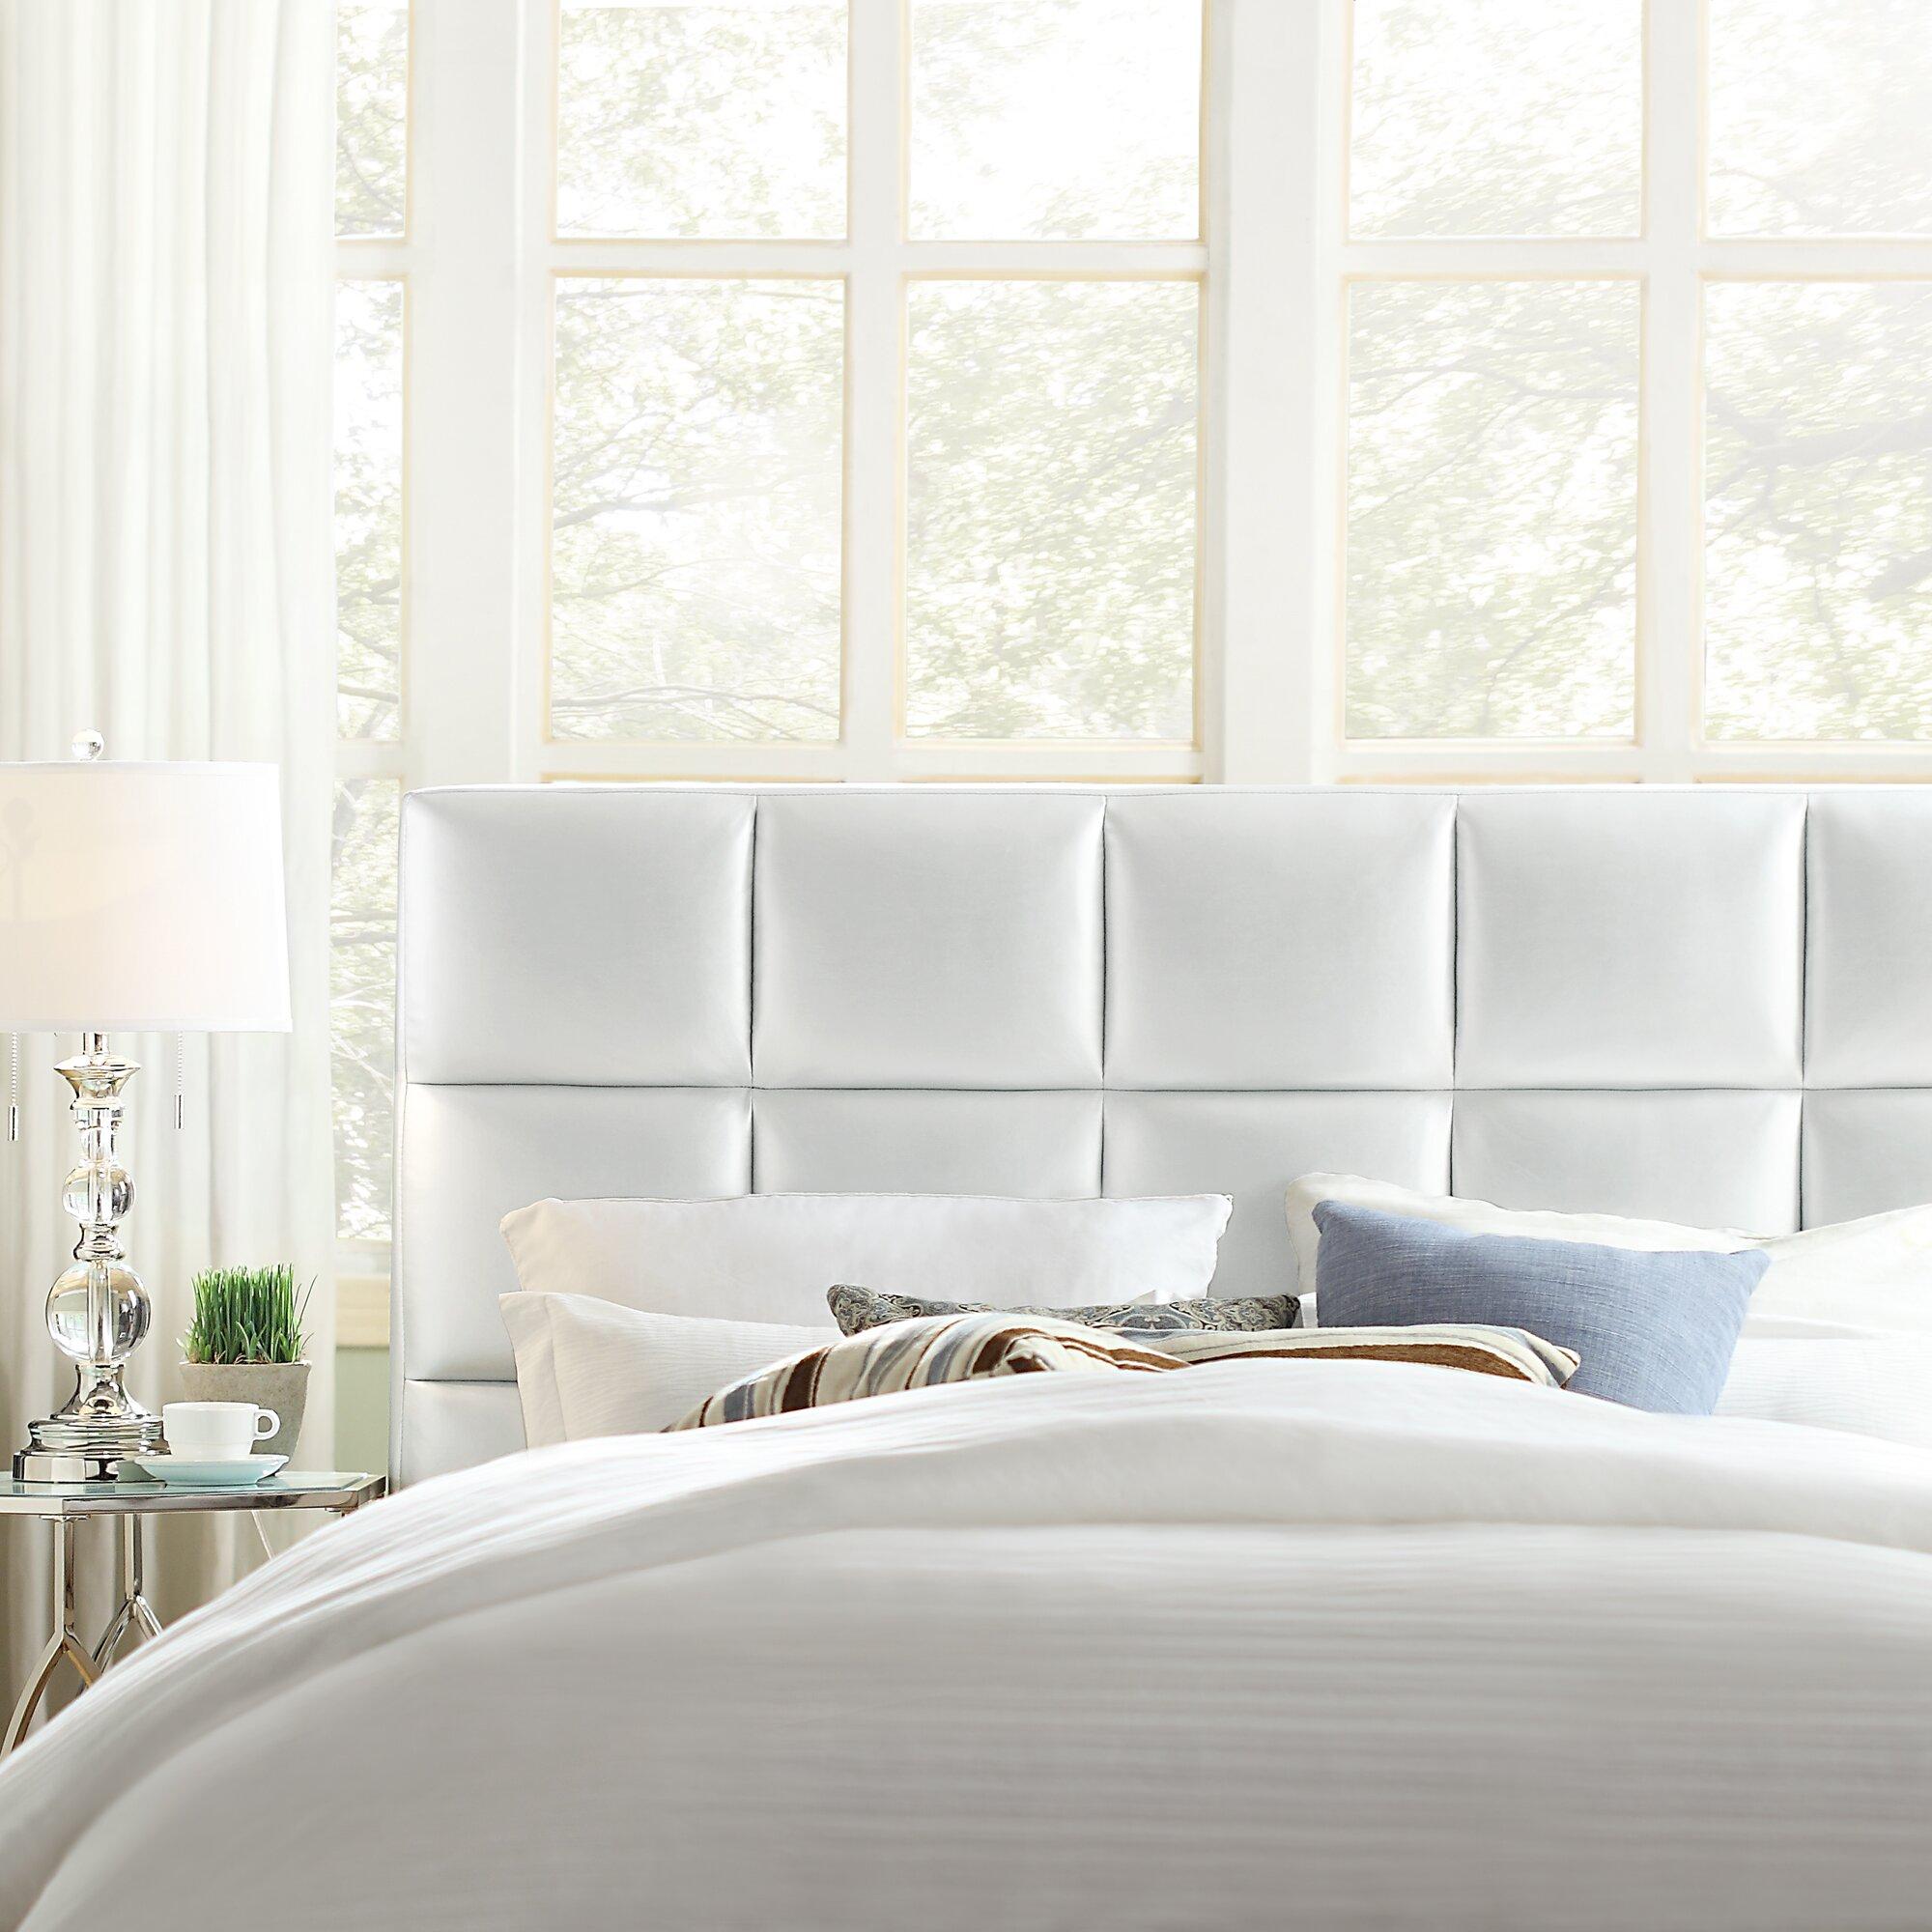 Kingstown Bedroom Furniture Kingstown Home Kingstown Upholstered Platform Bed Reviews Wayfair